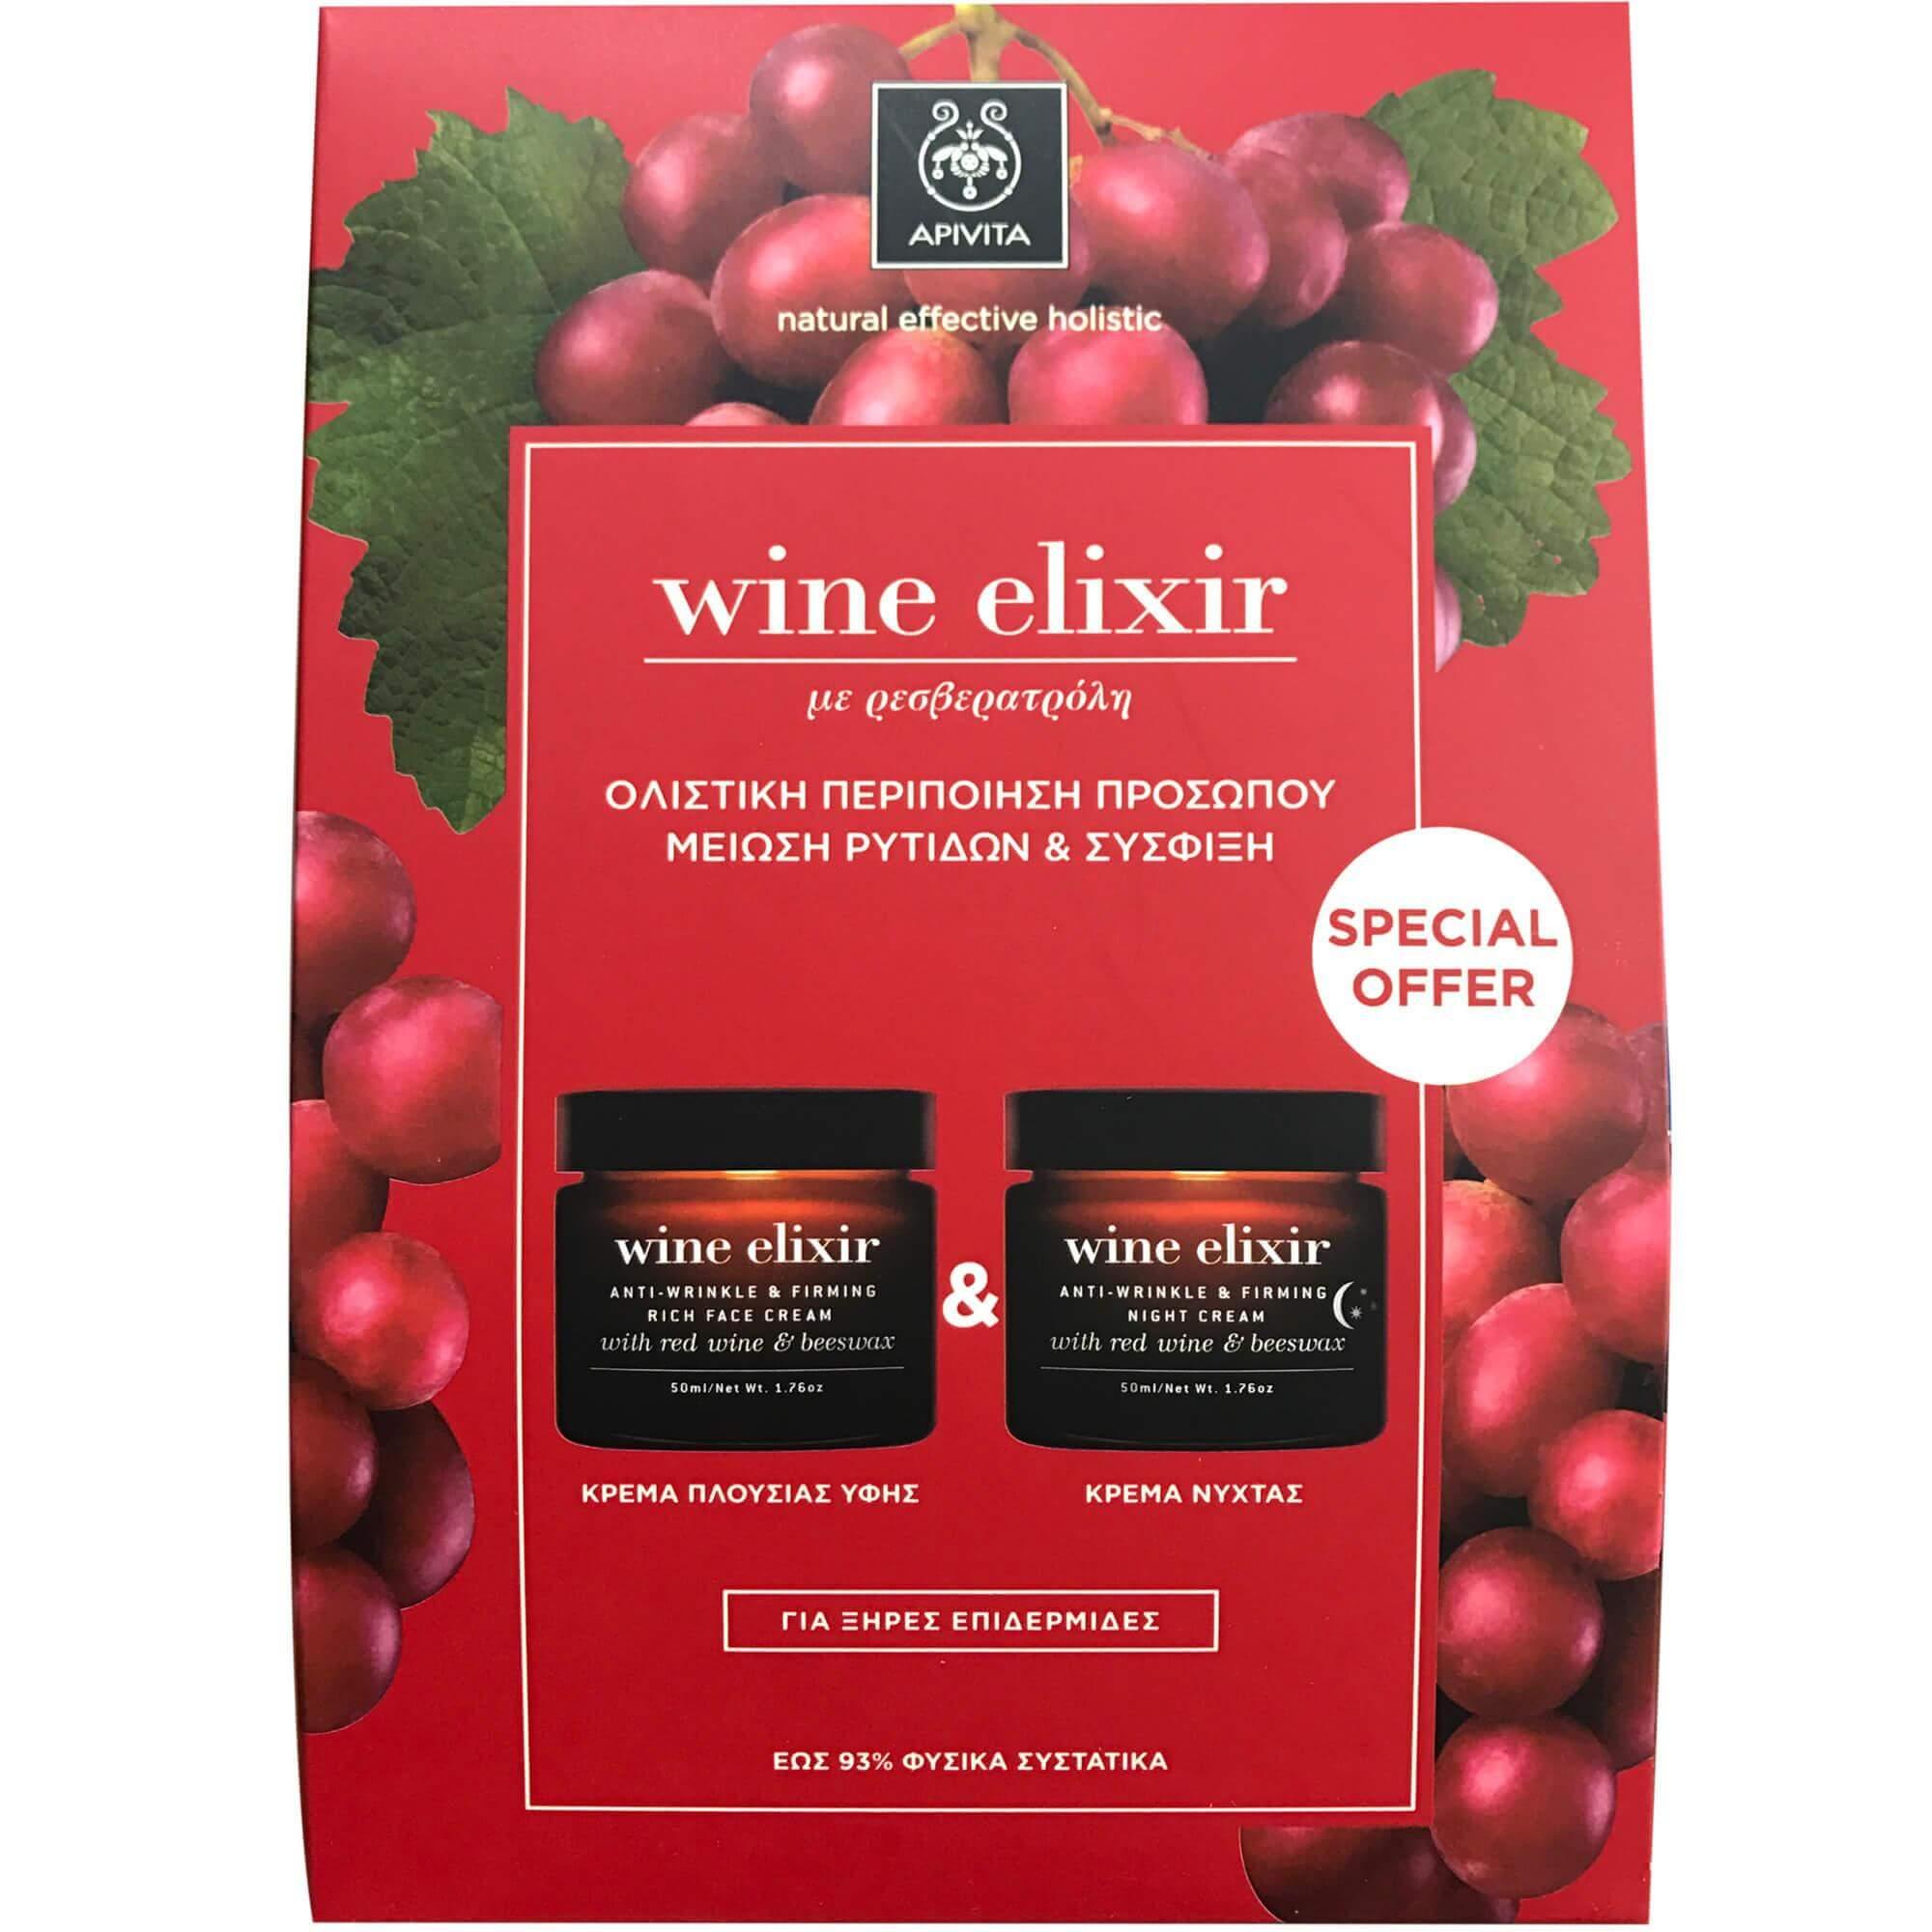 Apivita Πακέτο Προσφοράς Wine Elixir Αντιρυτιδική & Συσφιγκτική Κρέμα Πλούσιας Υφής50ml & ΔώροΚρέμα Νύχτας50ml